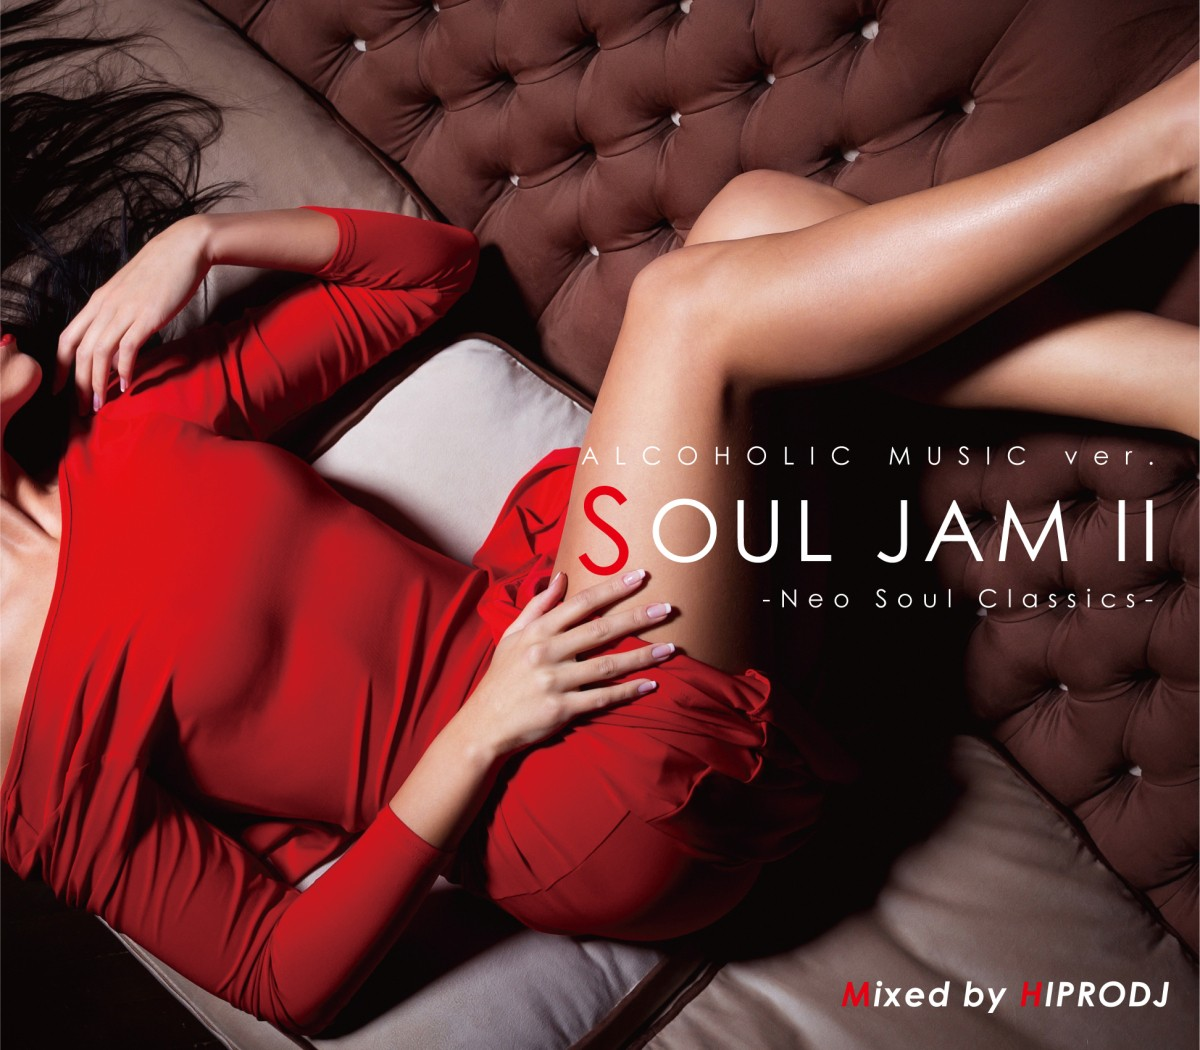 体の芯・心の底から暖まる極上ネオソウルクラシックス!【洋楽CD・MixCD】Alcoholic Music ver. Soul Jam II -Neo Soul Classics- / Hiprodj【M便 2/12】